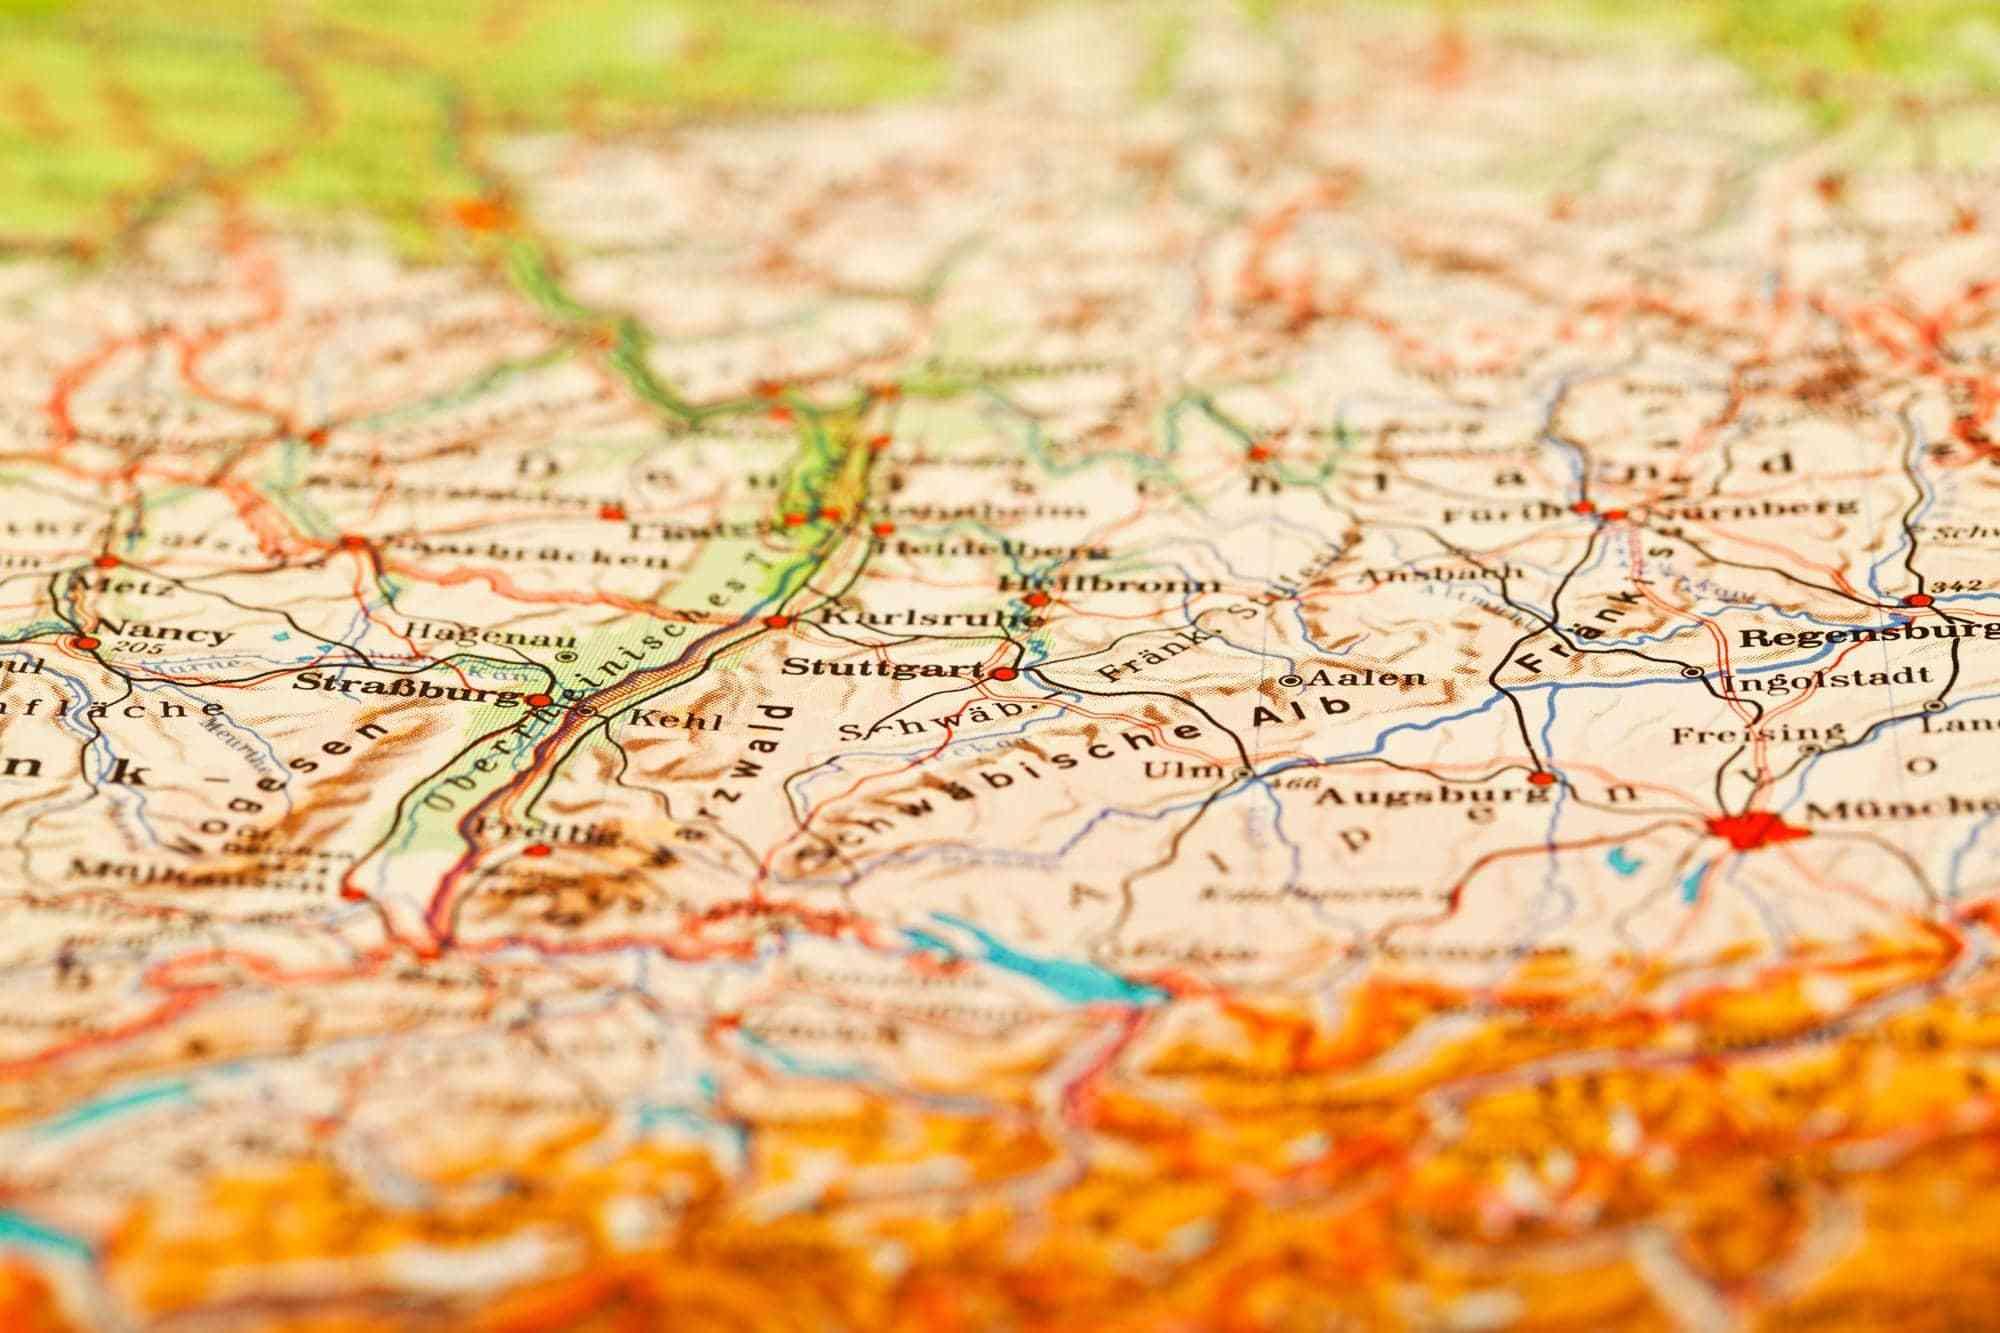 Un réseau de spécialistes et experts des relations franco-allemandes